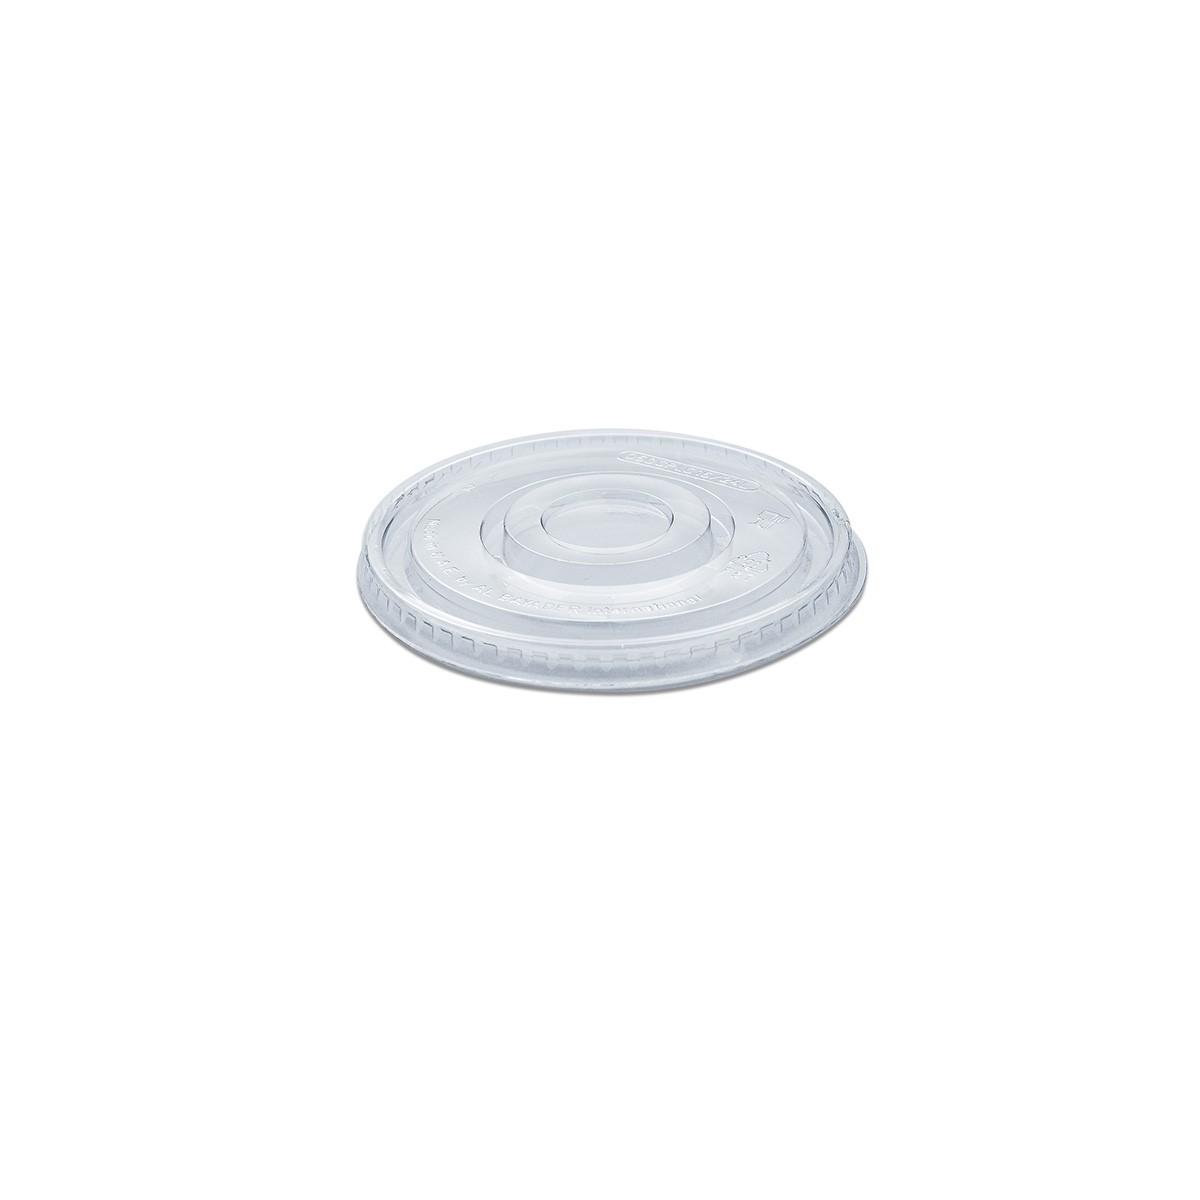 Flat Lid w/o Straw Slot for PET Clear Cups 16/24oz - PET   50pcsx20pkts